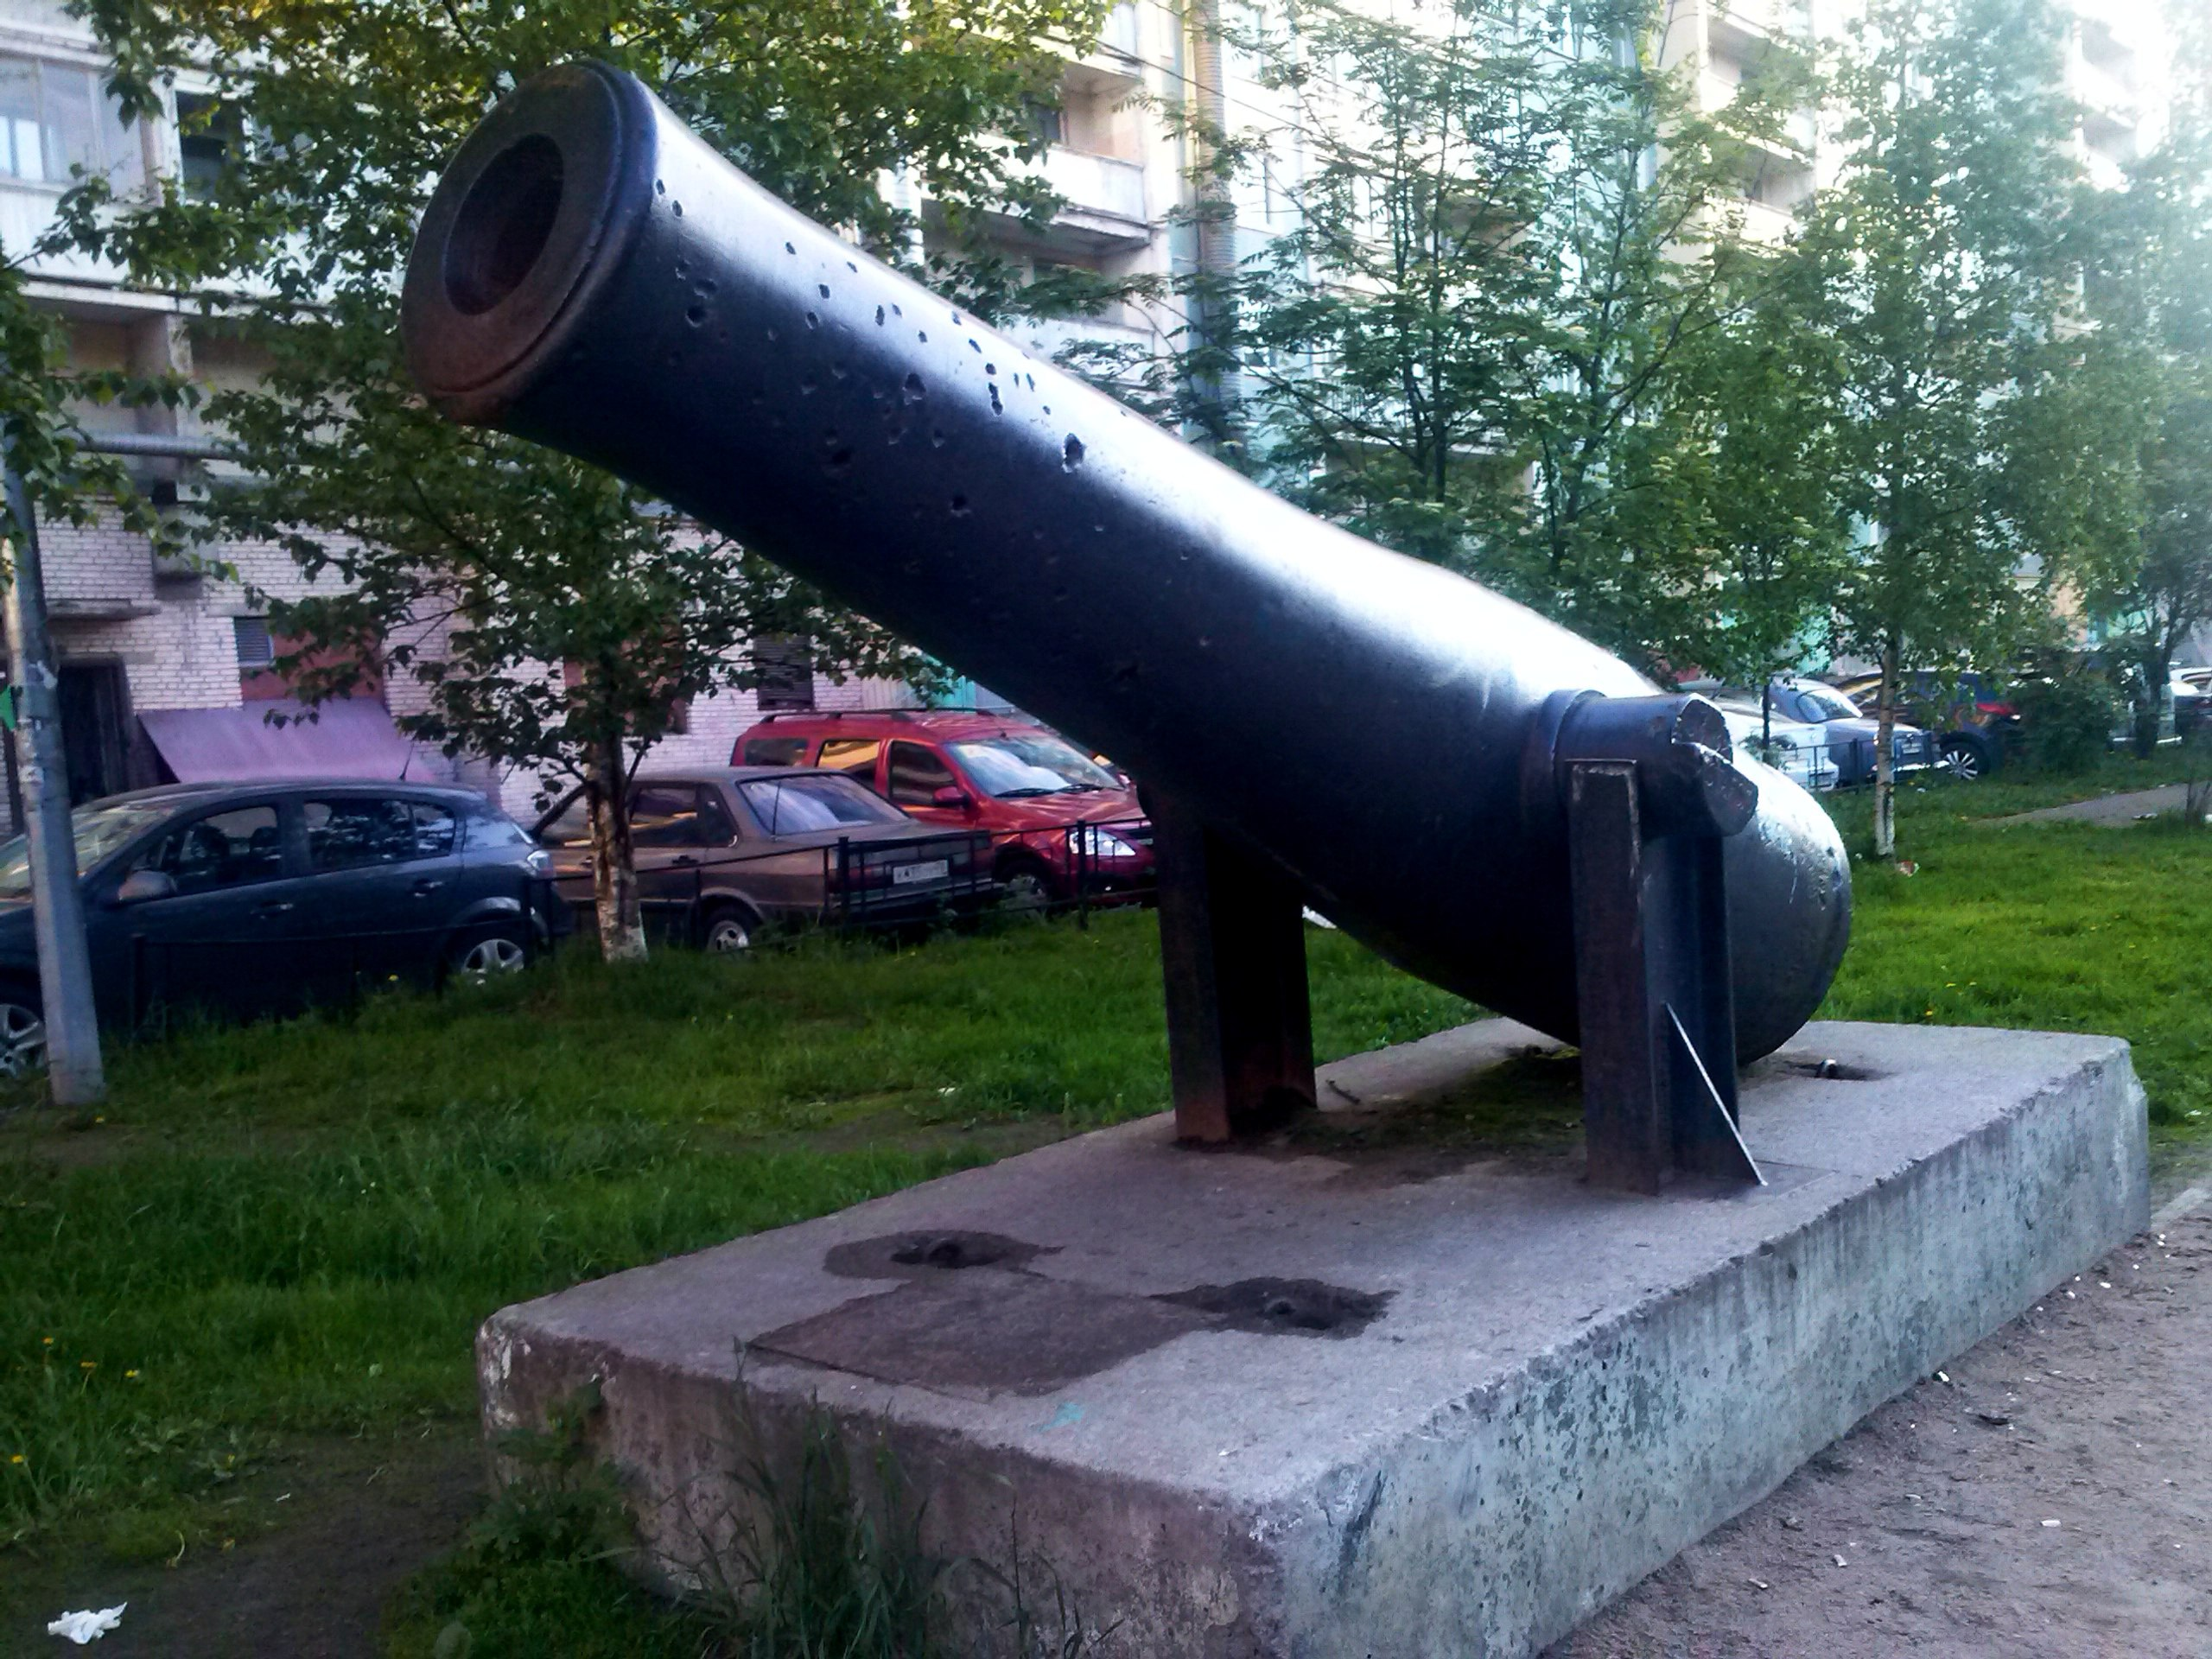 Необычные достопримечательности Петербурга. Шведская пушка в обычном дворе.